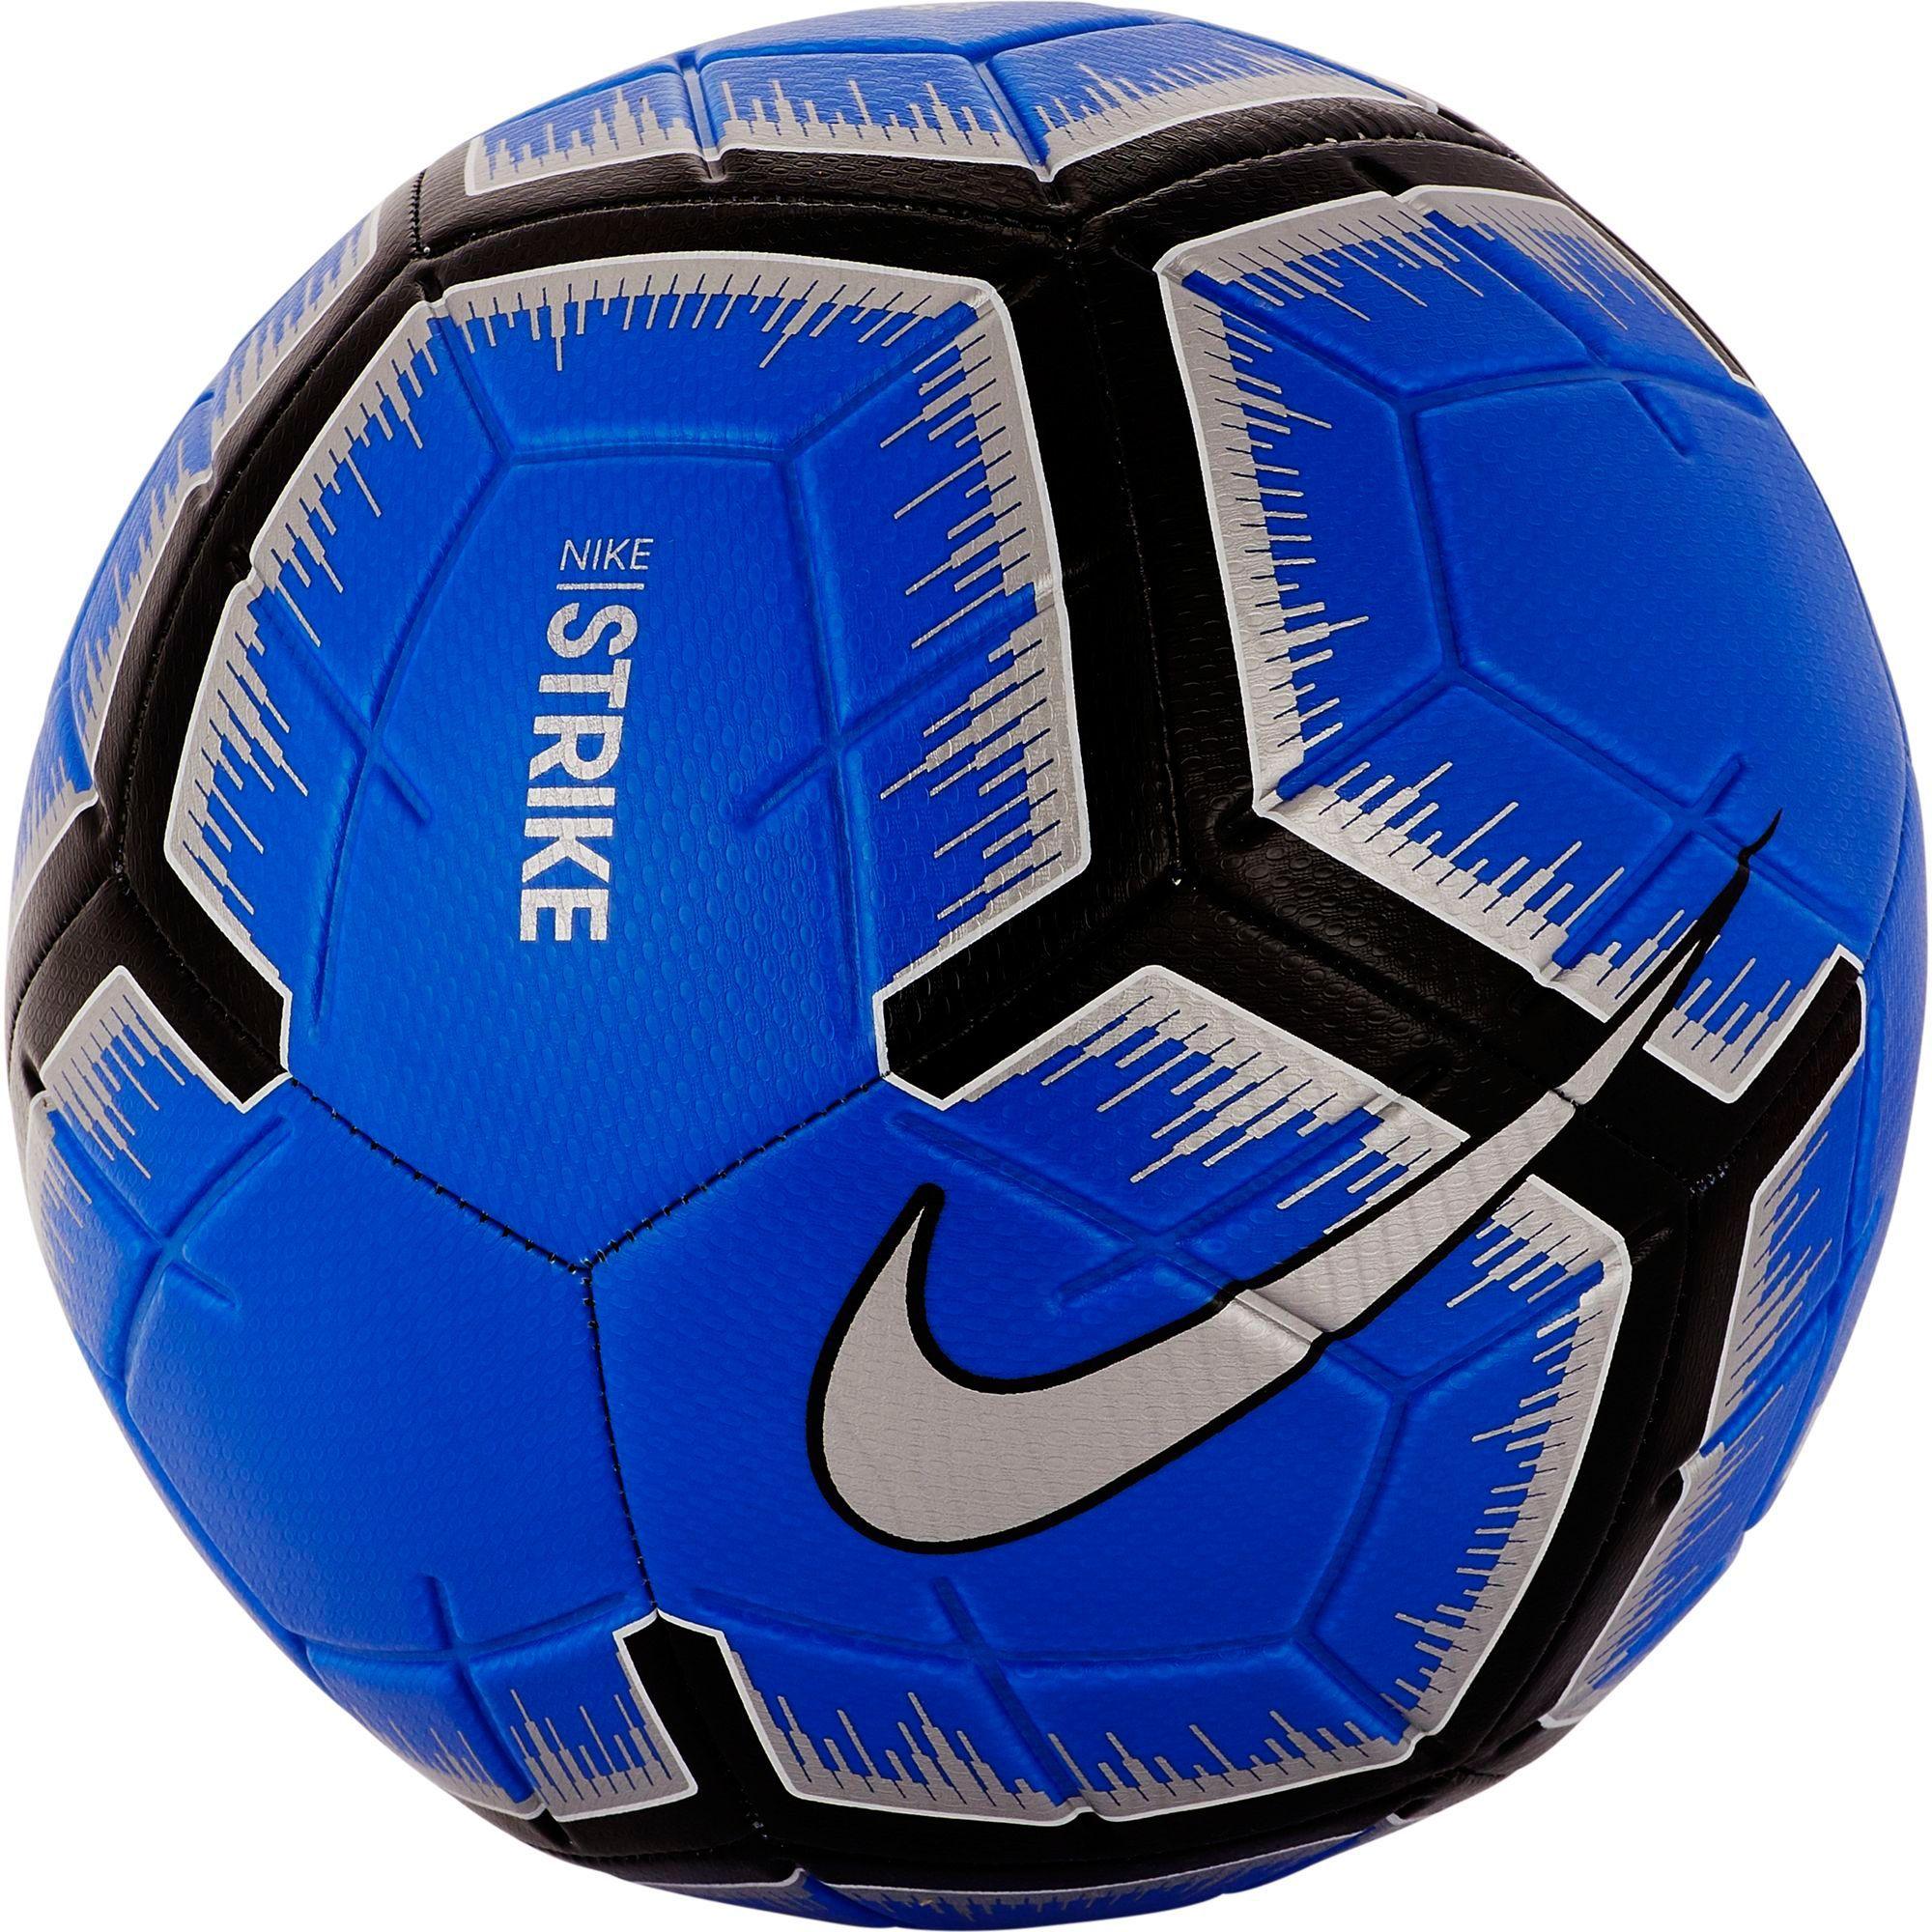 Nike Strike Soccer Ball In 2020 Soccer Ball Nike Soccer Ball Soccer